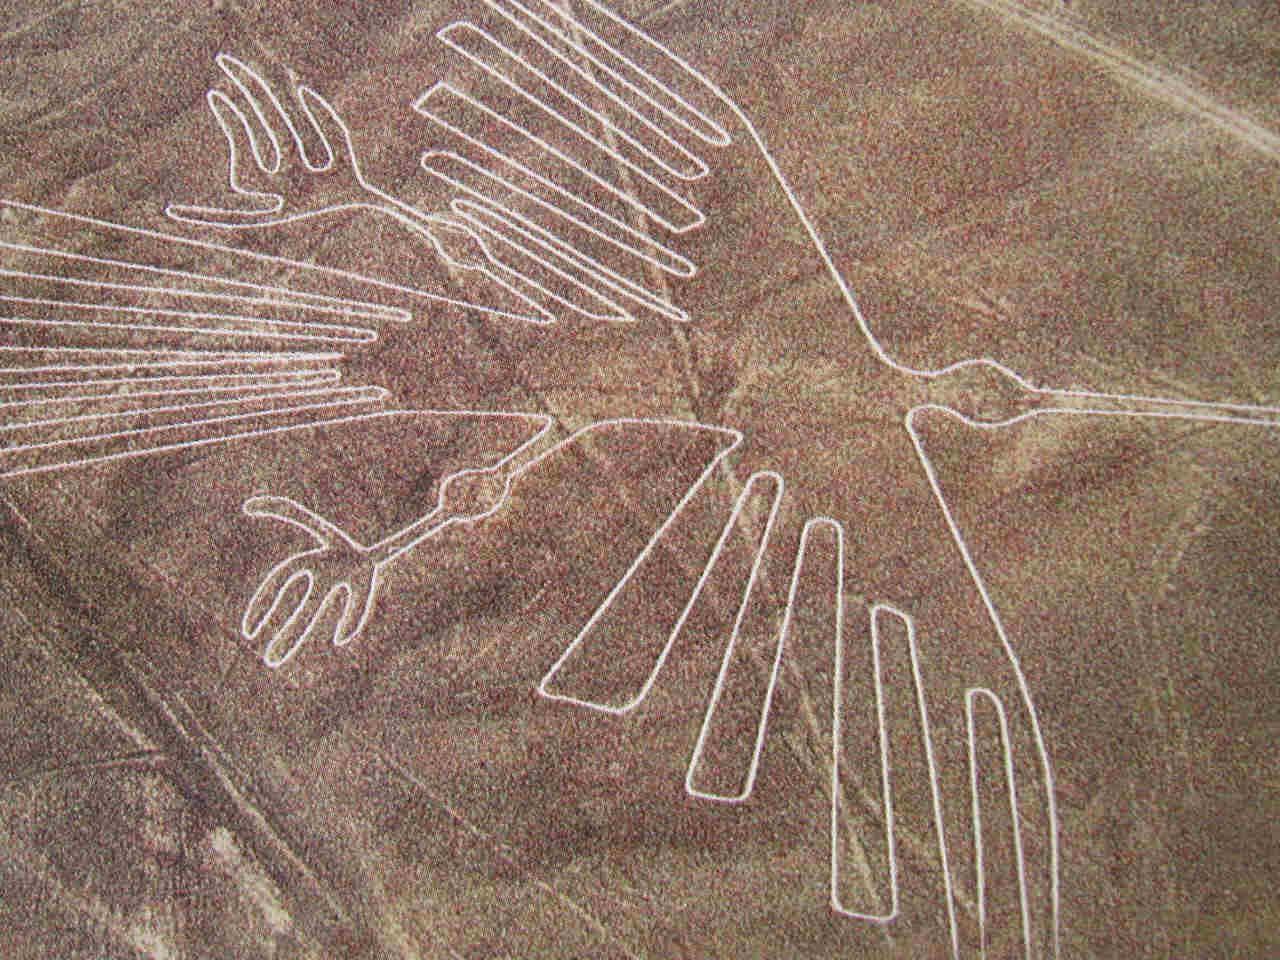 La misteriosa belleza de las Líneas de Nazca